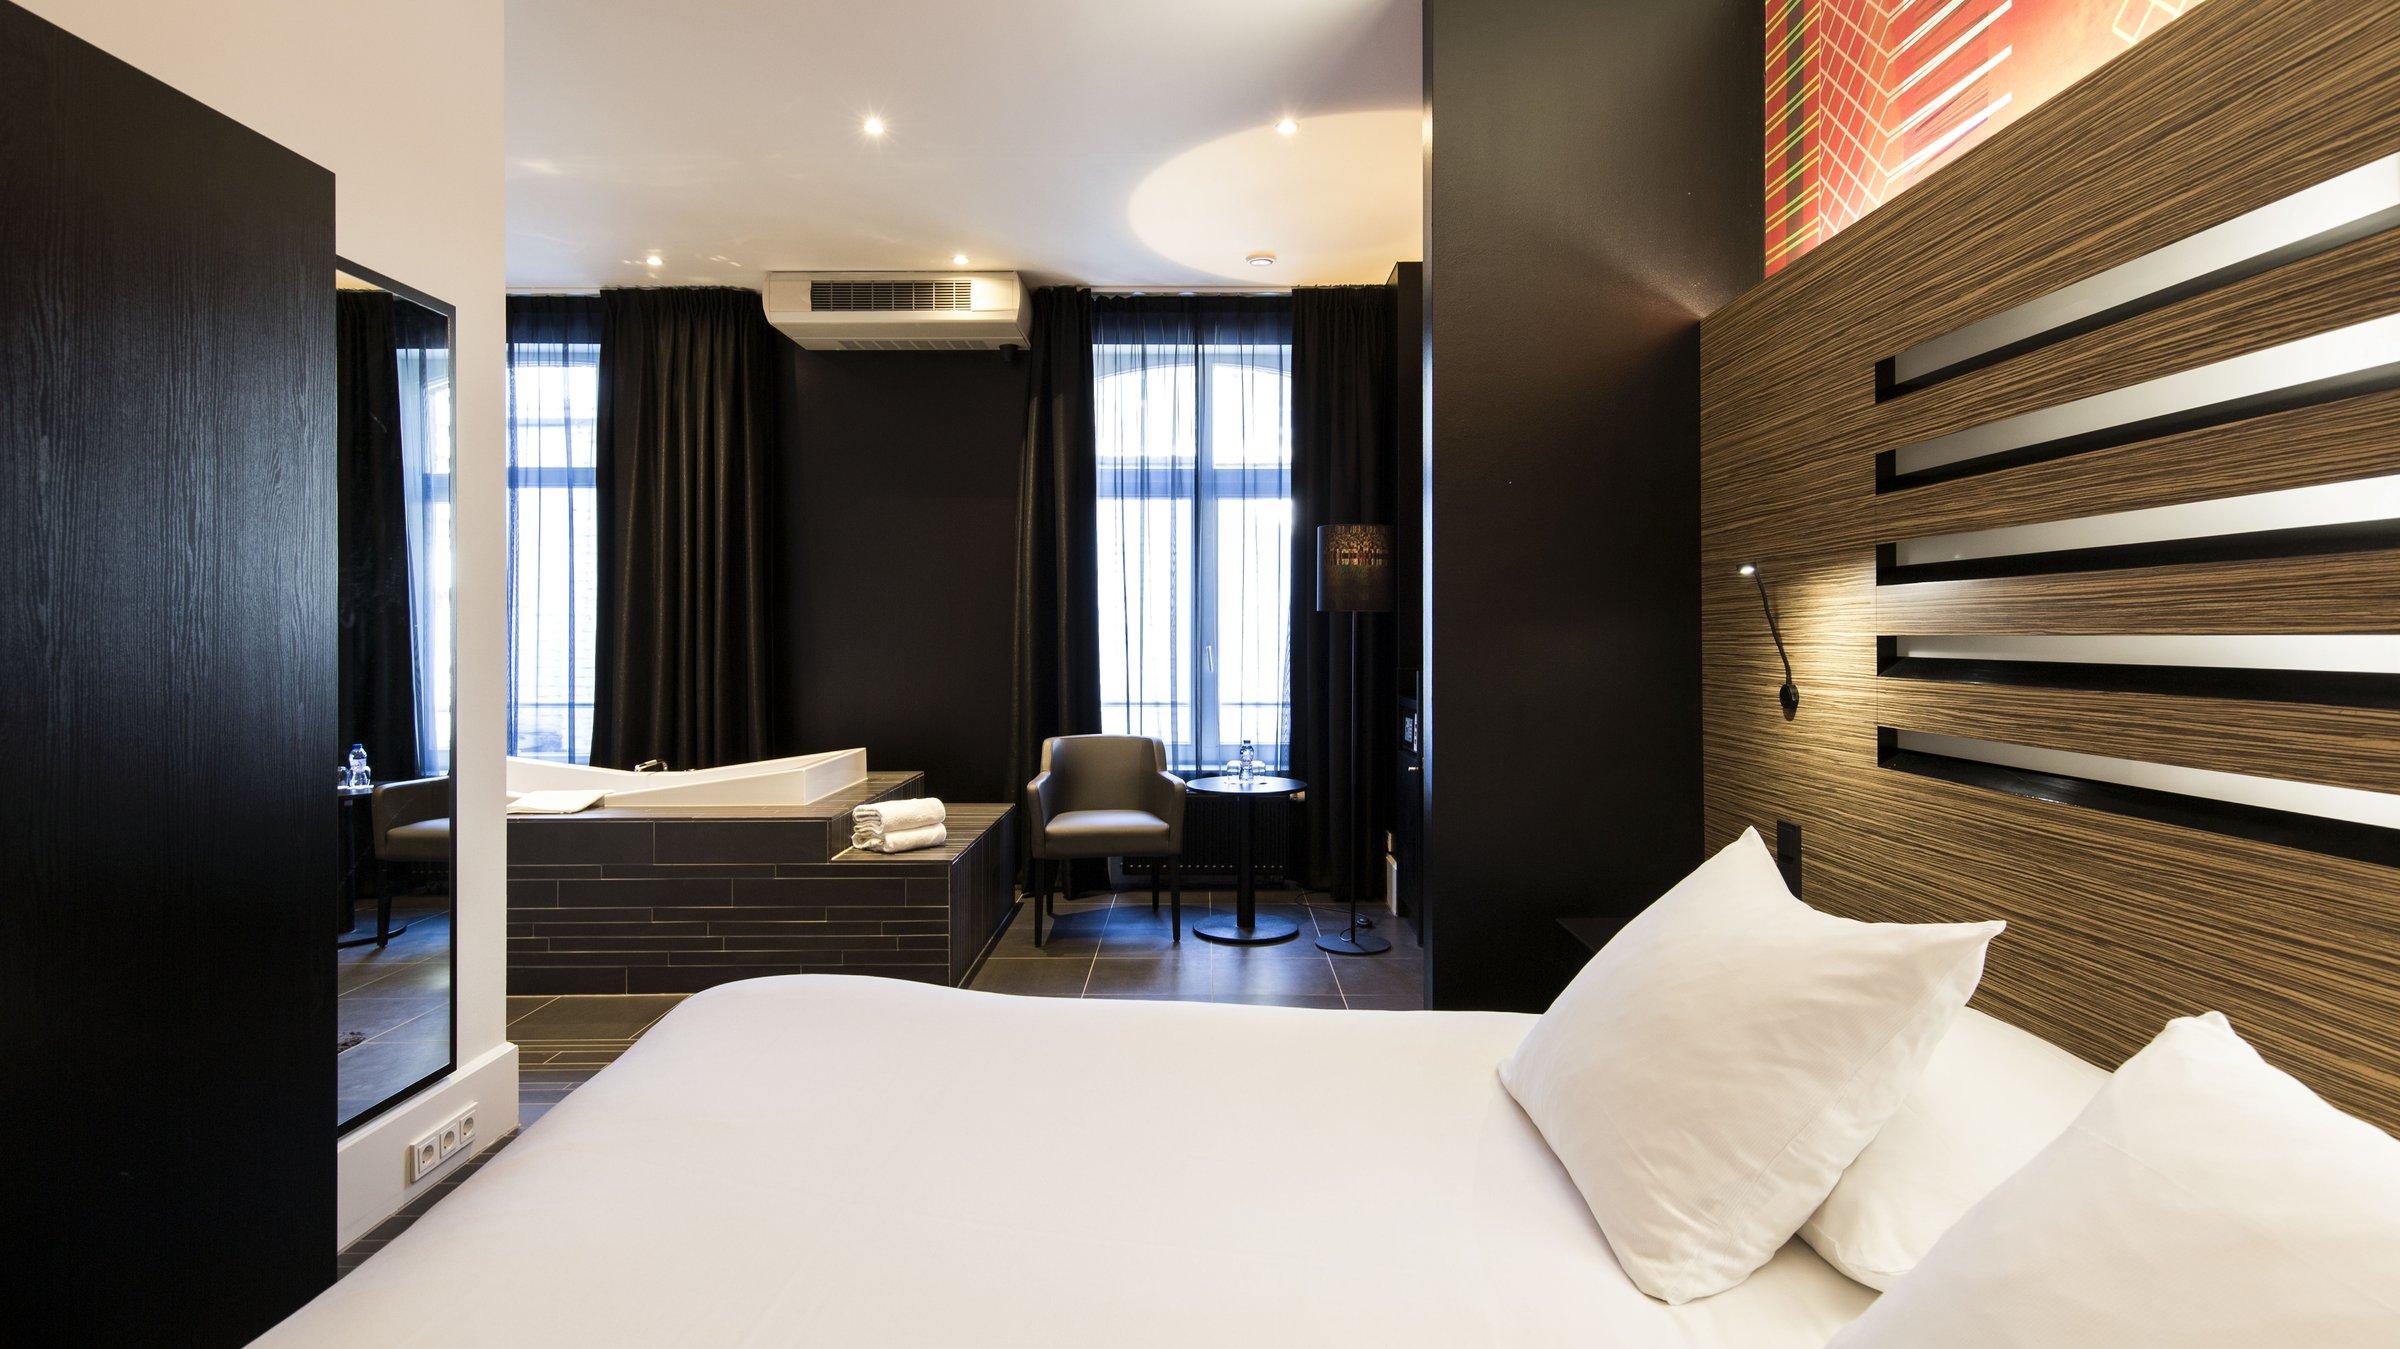 Designhotel maastricht designhotel maastricht for Design hotel maastricht